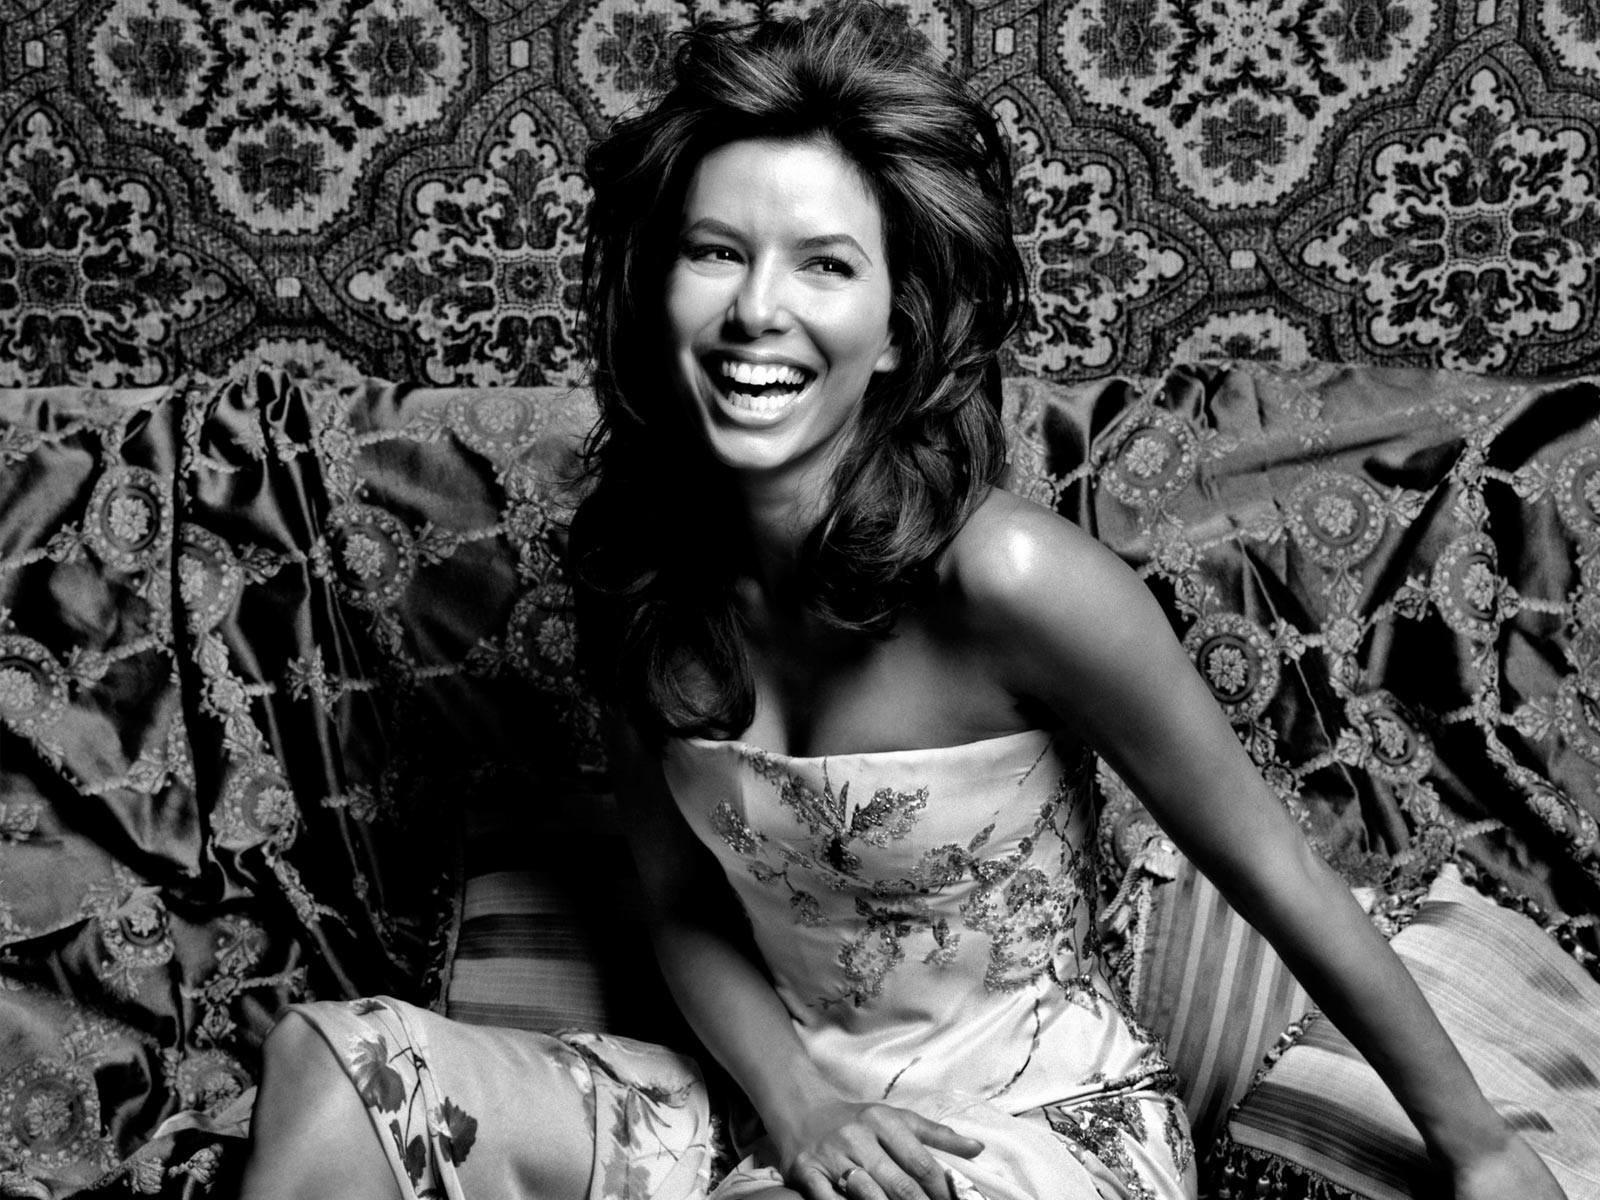 Wallpaper di una sorridente ed esplosiva Eva Longoria